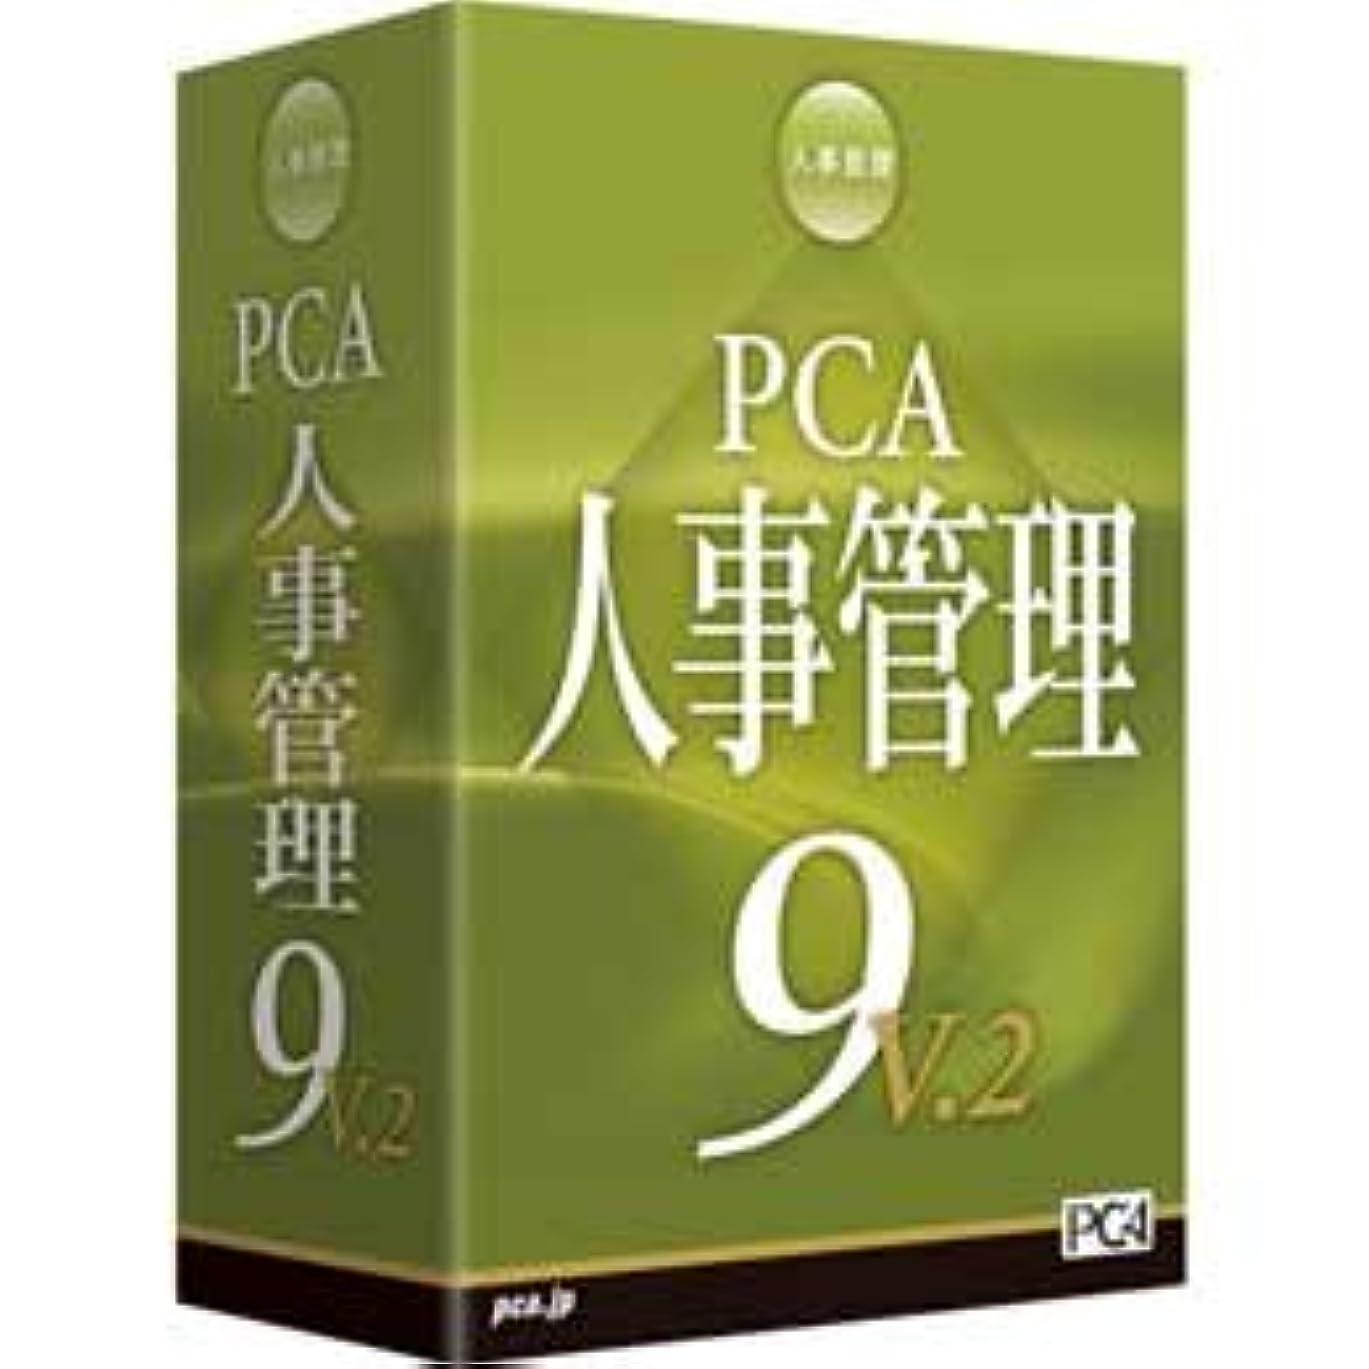 広まった頬現在PCA 人事管理9 EasyNetwork